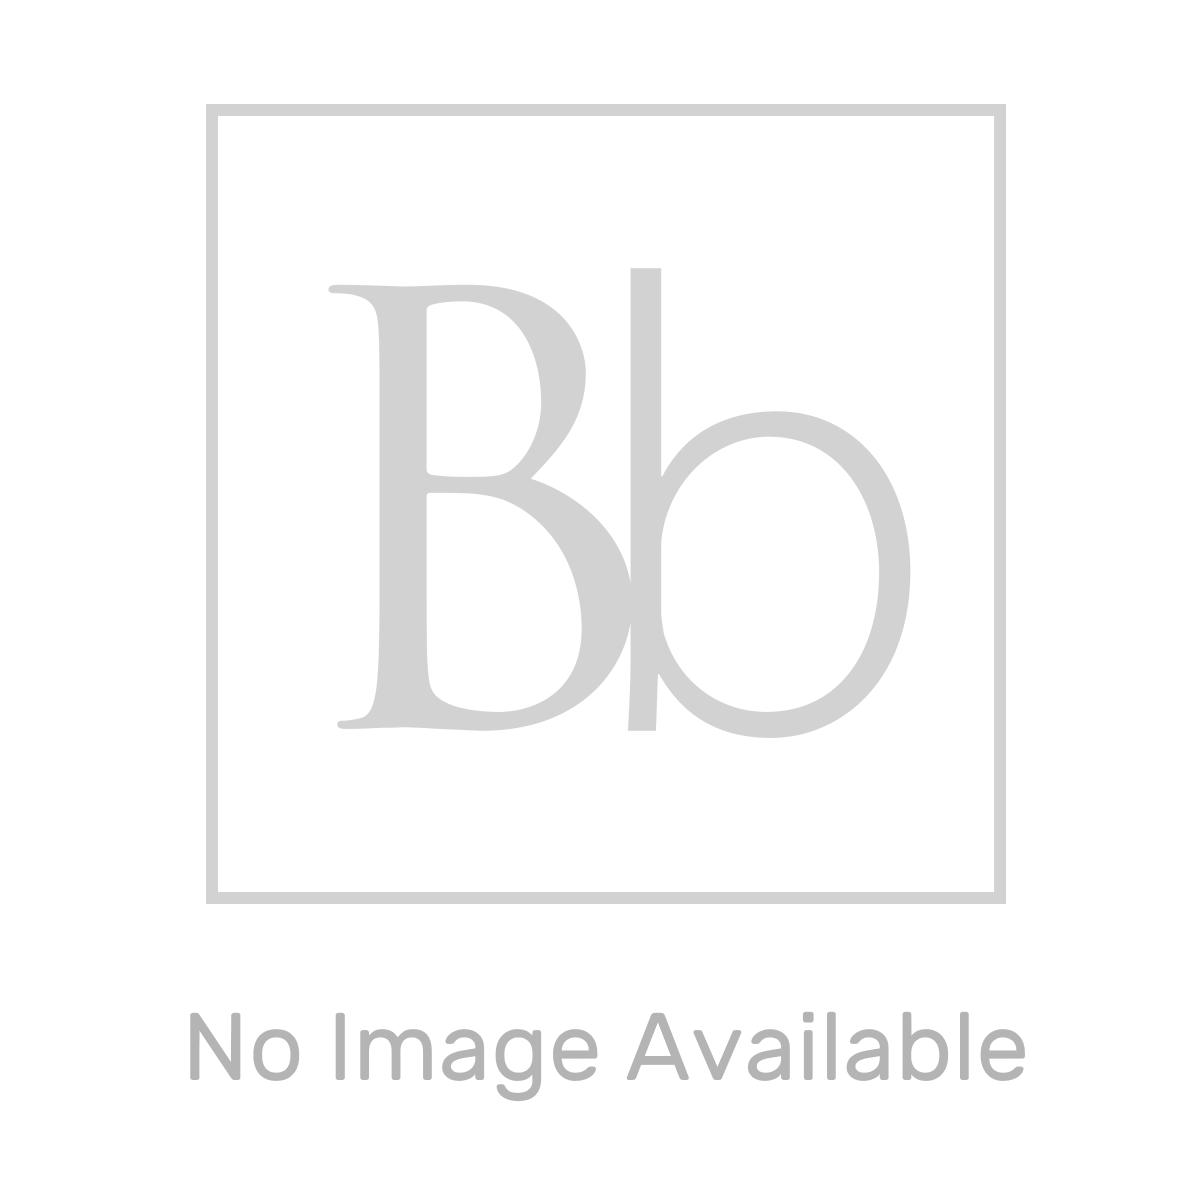 Kartell Impakt Tall Unit Dimensions